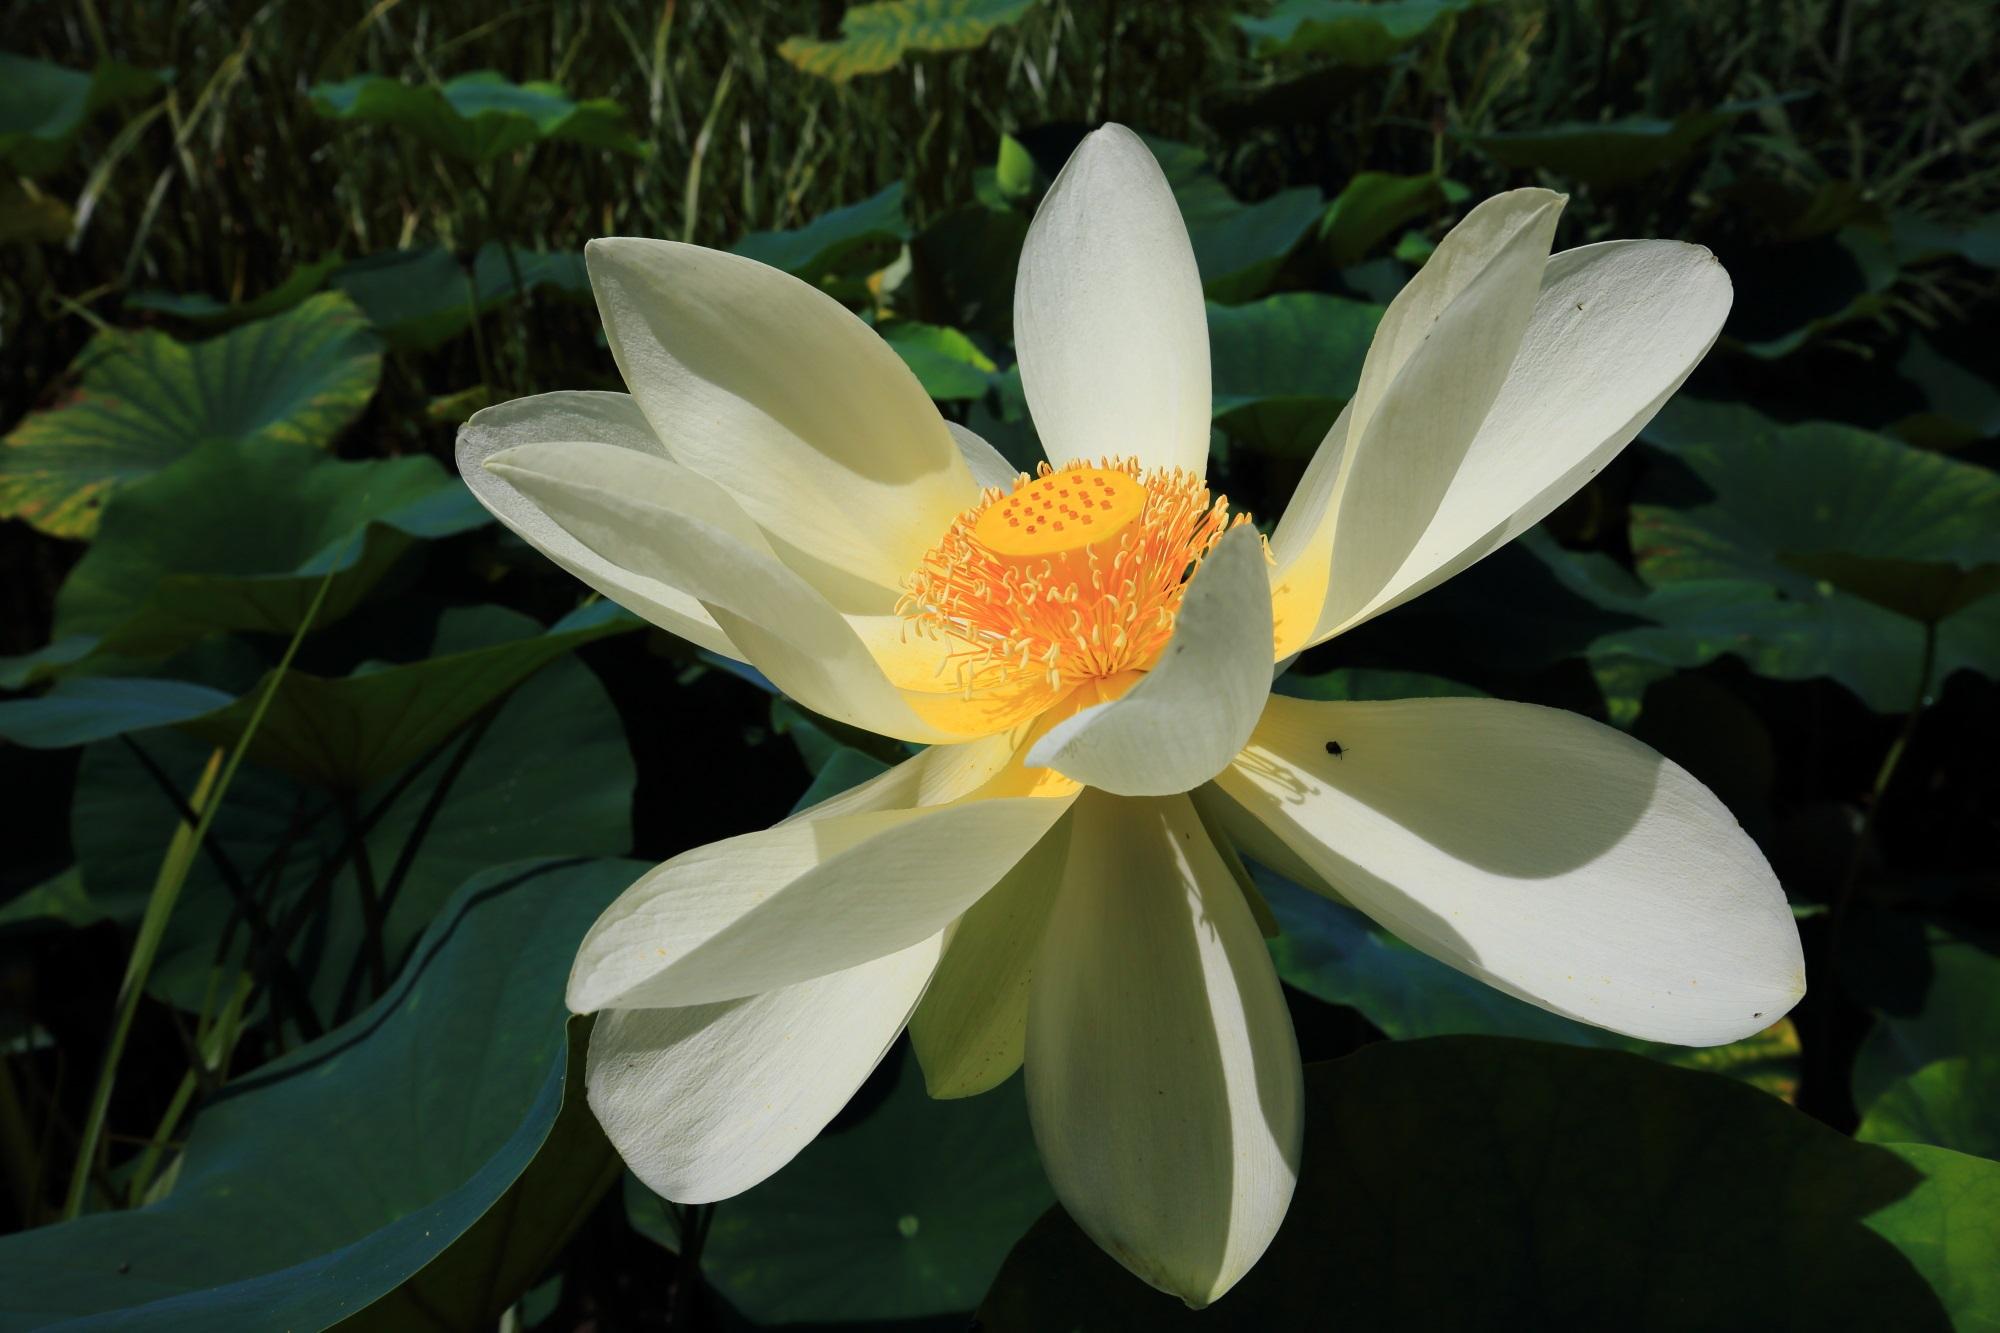 萬福寺の中和園に咲く華やかな白い大輪の蓮の花